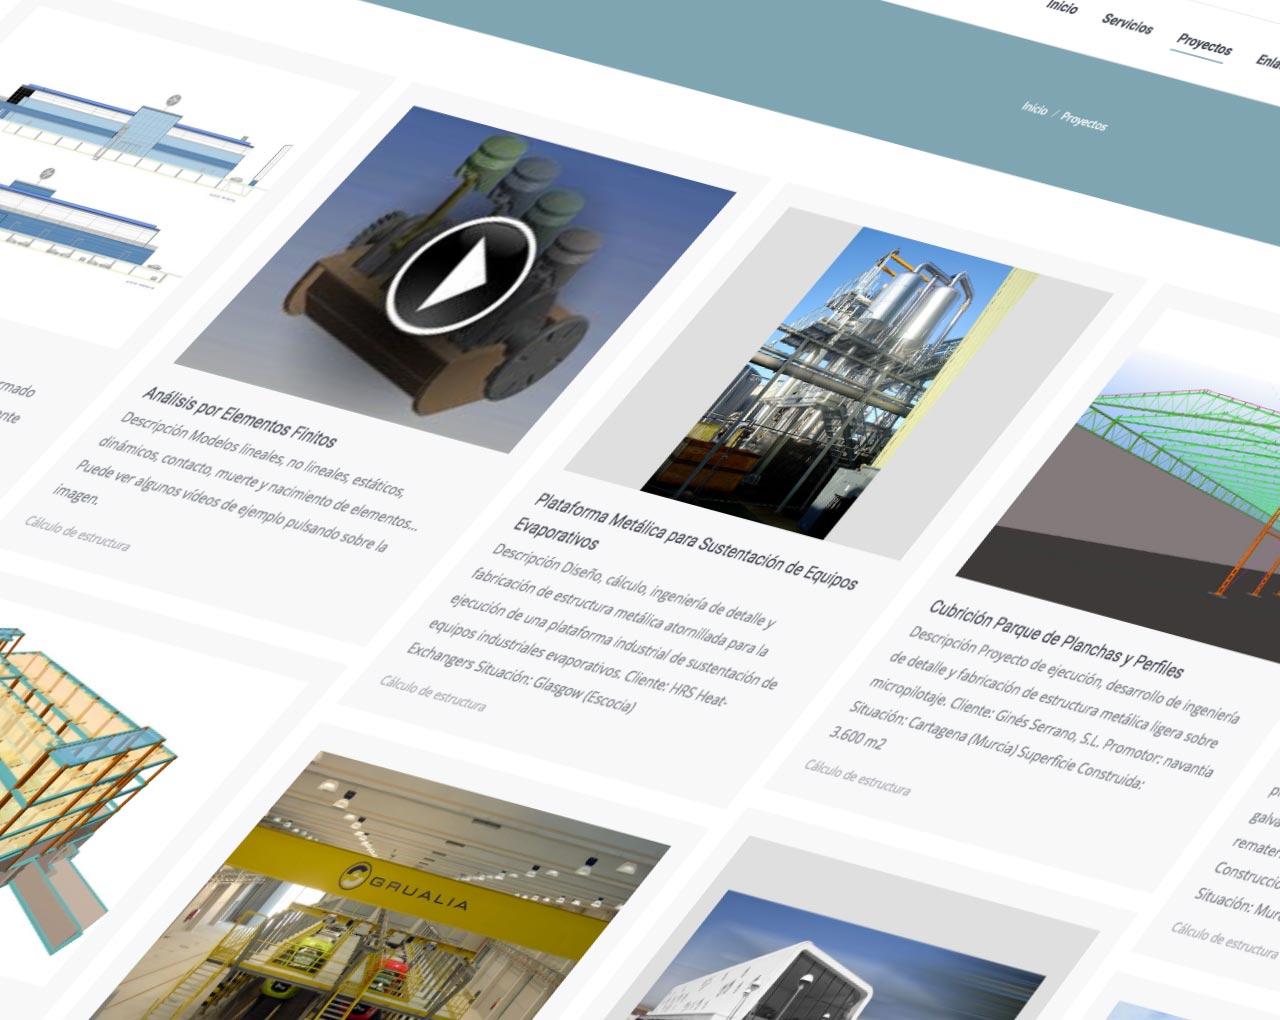 estudio de diseño grafico y web en murcia, cyme ingenieria